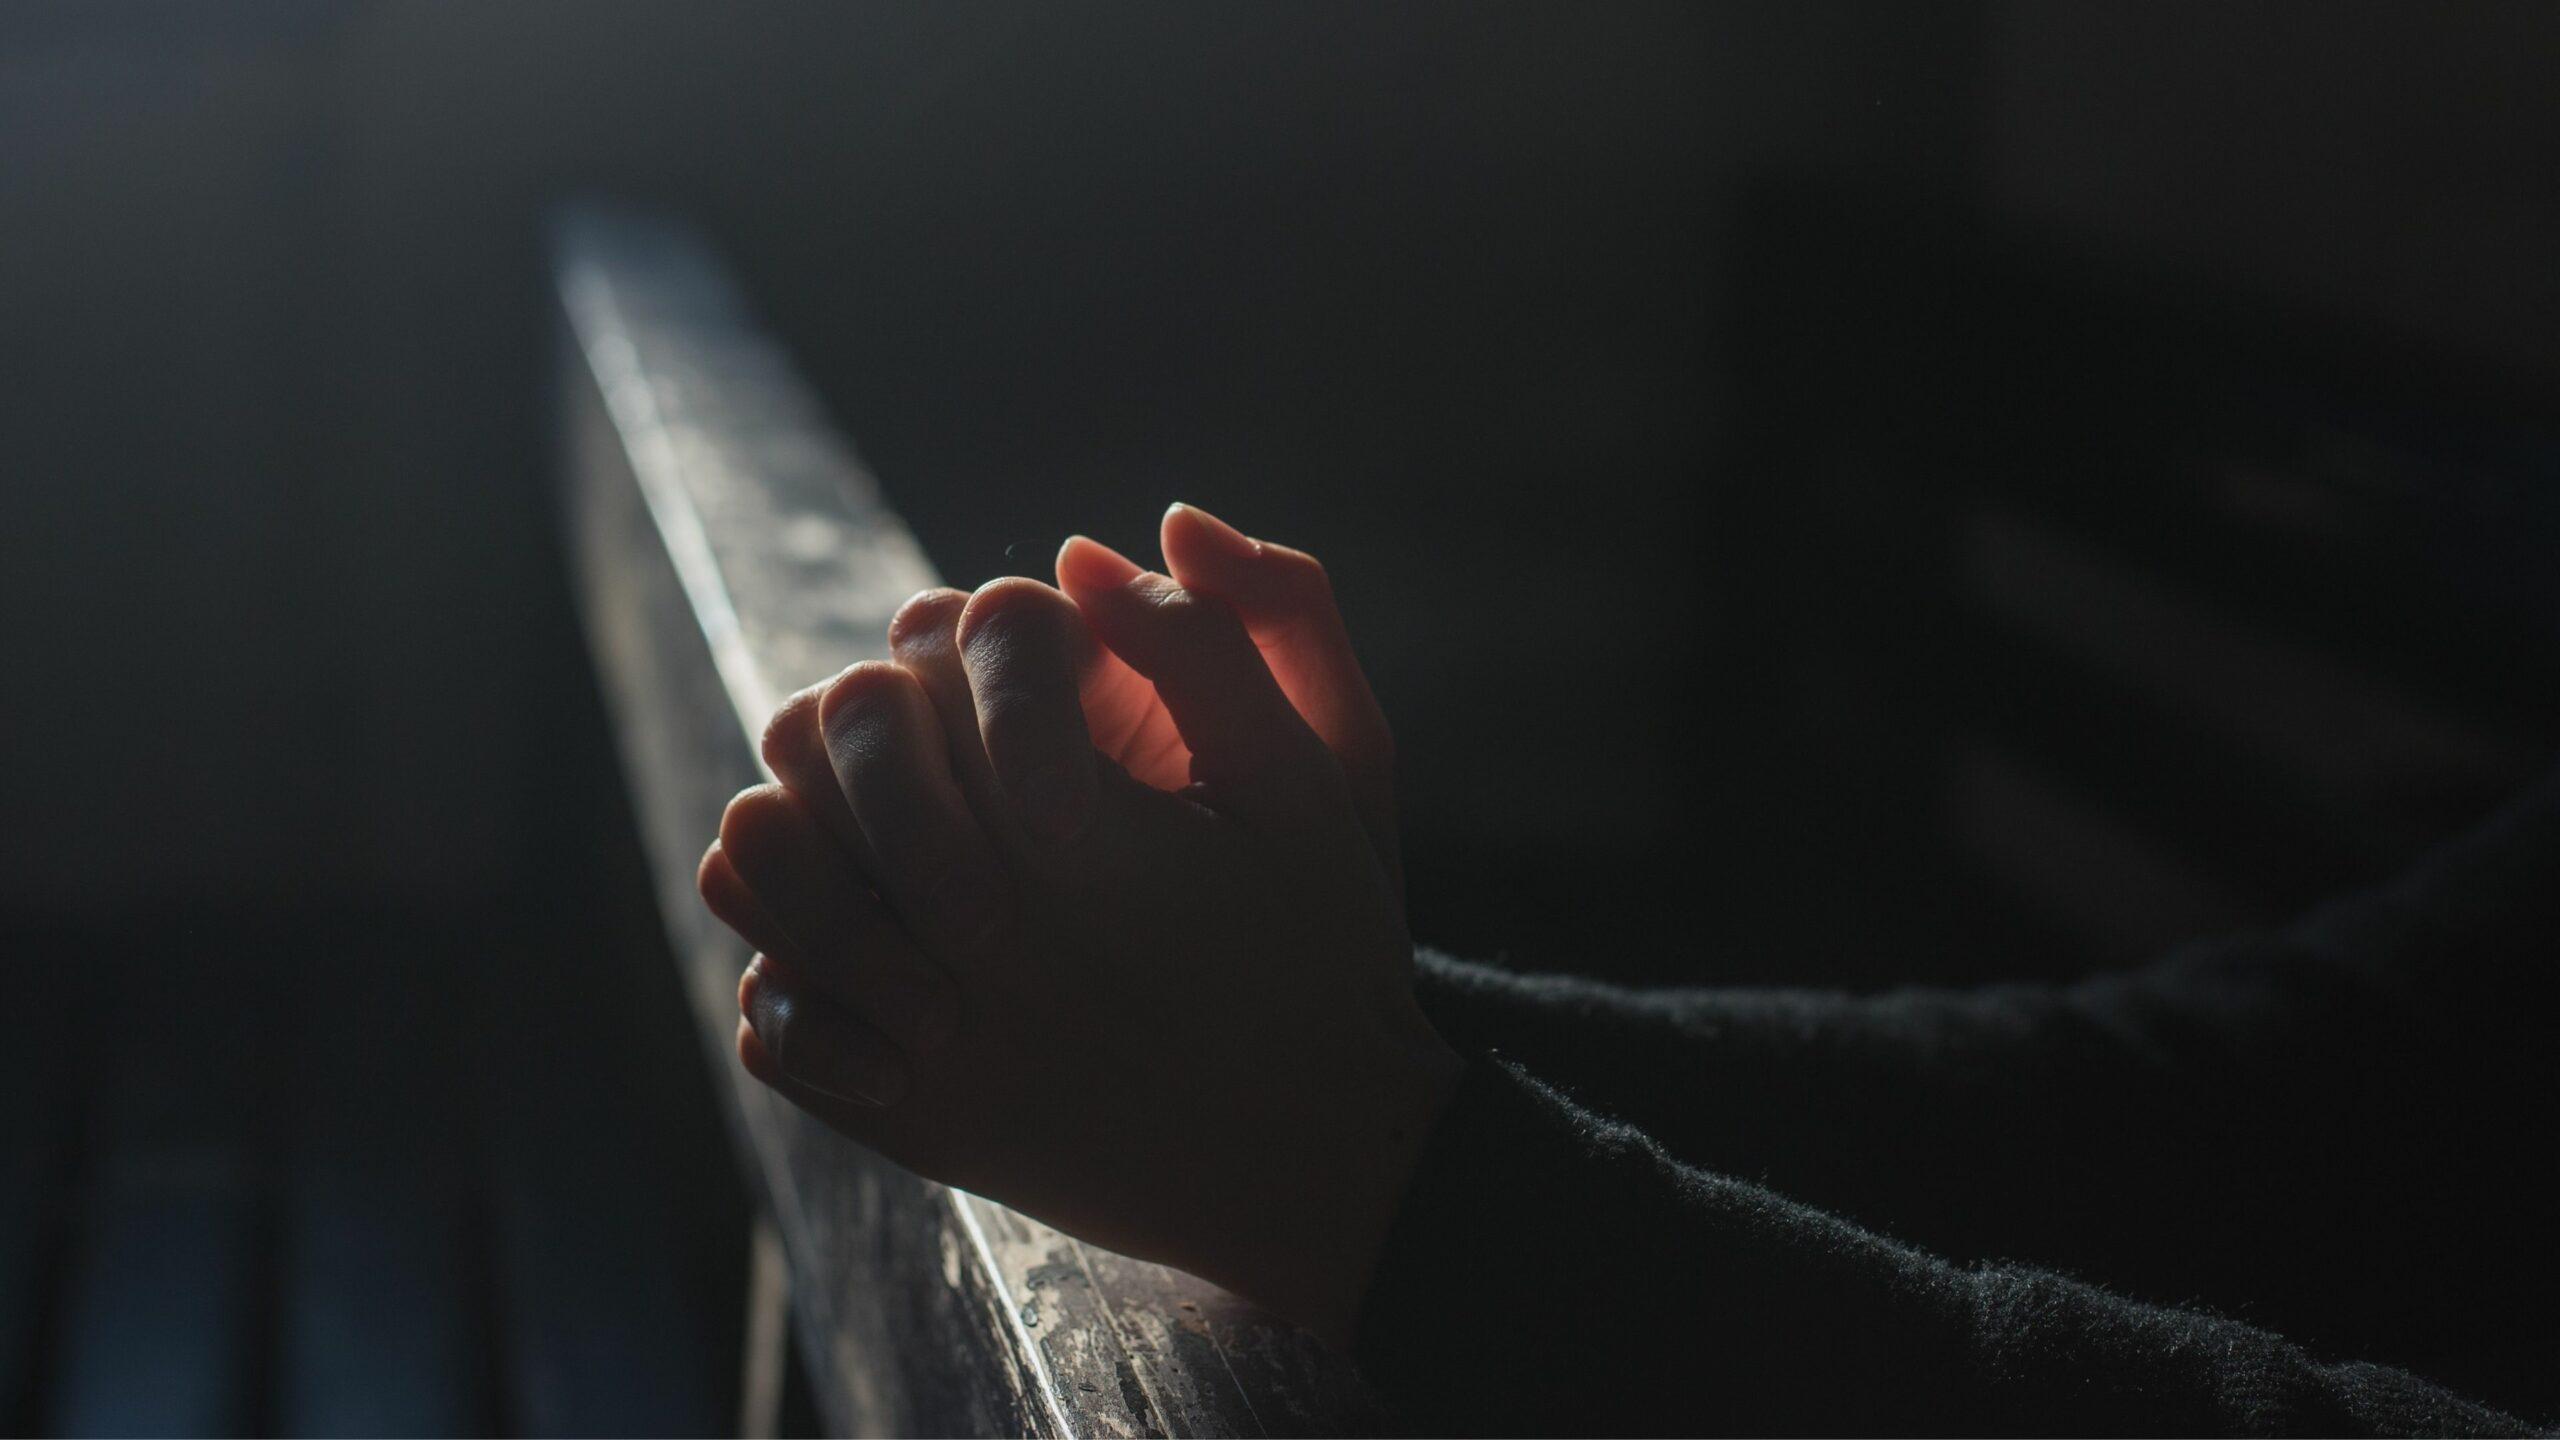 Jak się Modlić - Modlitwa Prywatna - Warunki dobrej modlitwy - www.naukikatolickie.pl